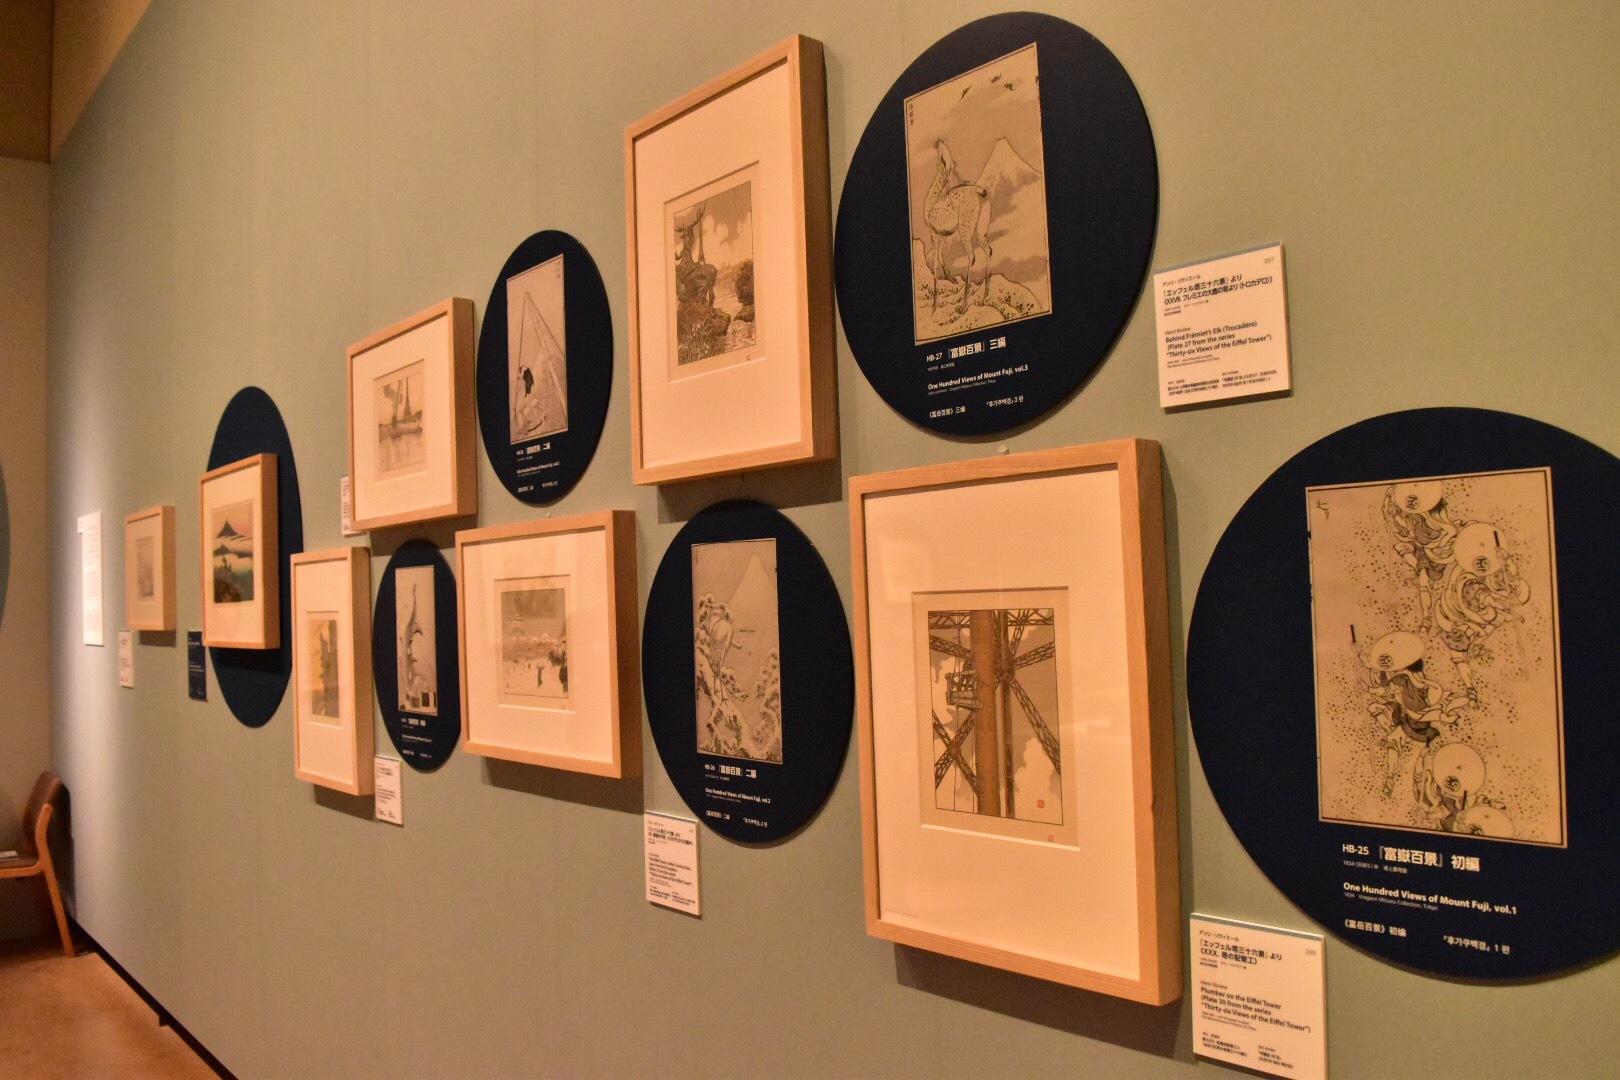 アンリ・リヴィエール『エッフェル塔三十六景』1888-1902年 国立西洋美術館